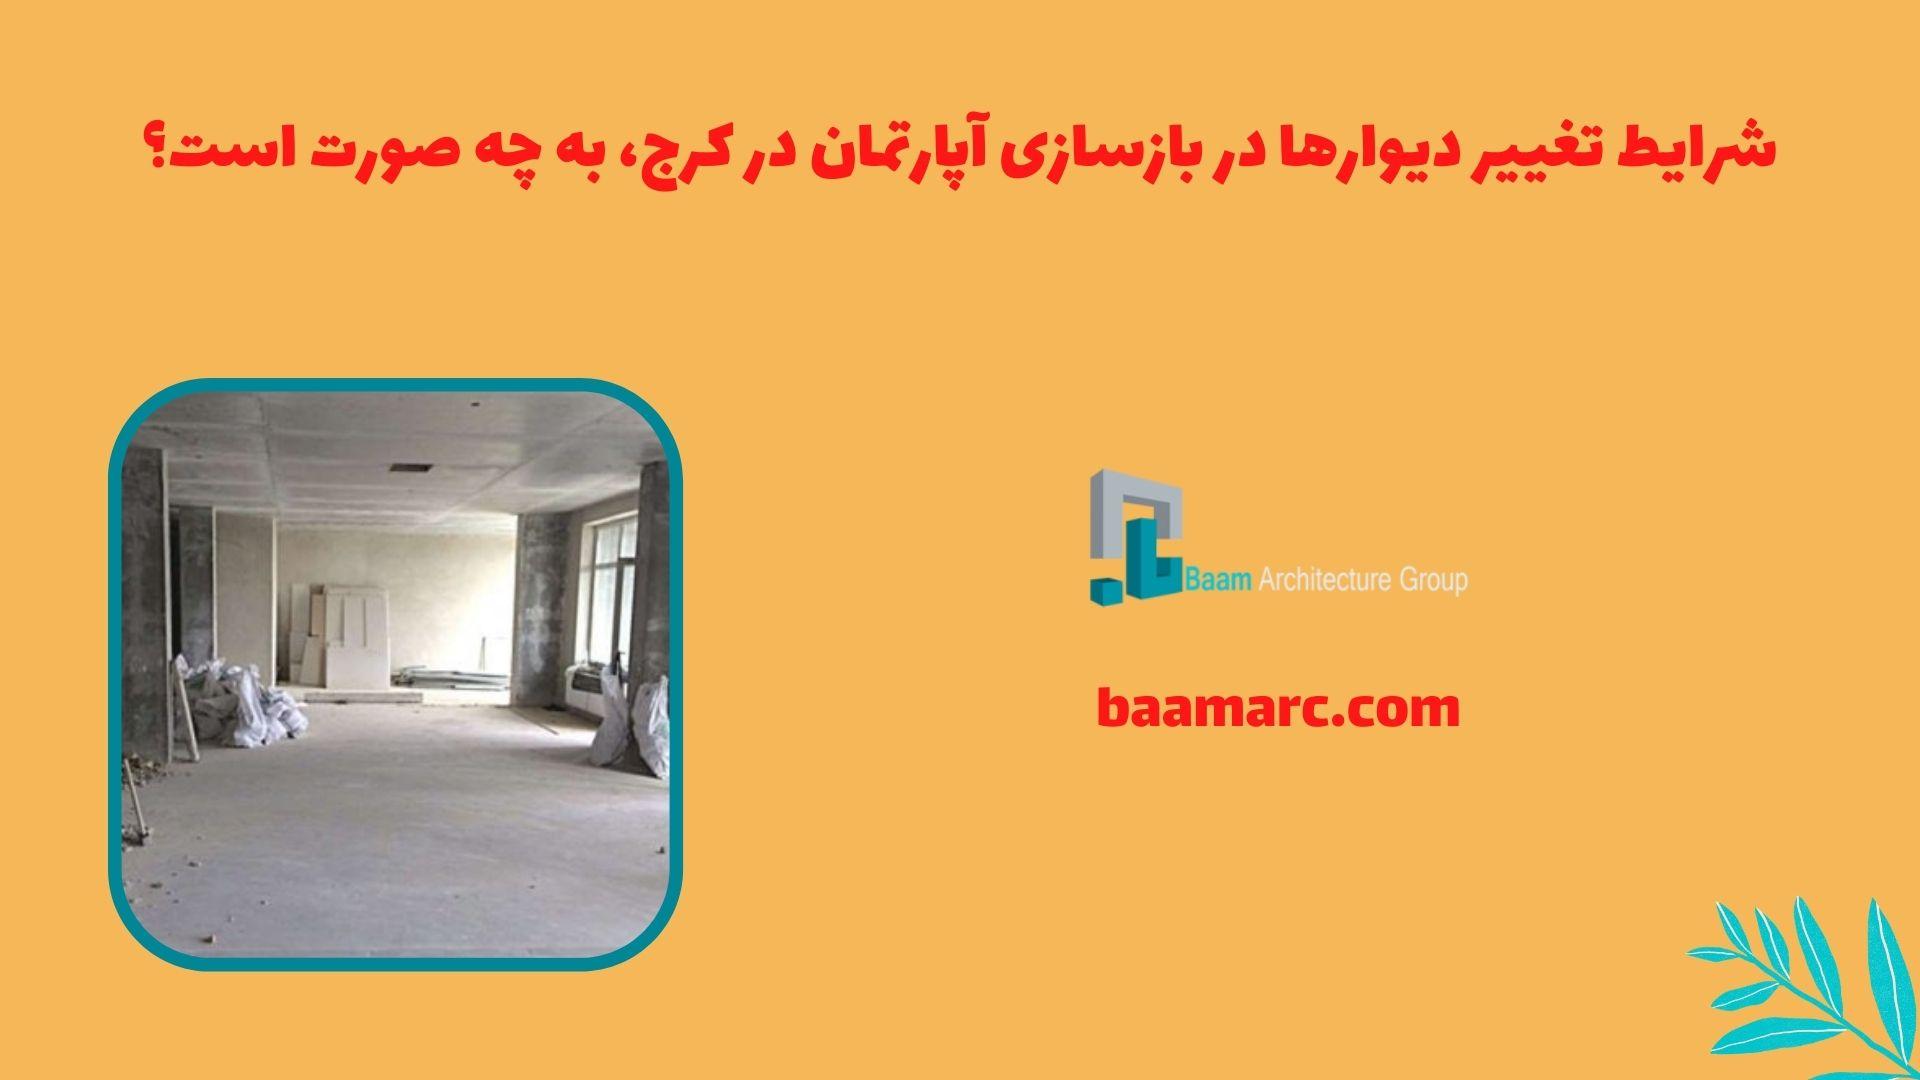 شرایط تغییر دیوارها در بازسازی آپارتمان در کرج، به چه صورت است؟